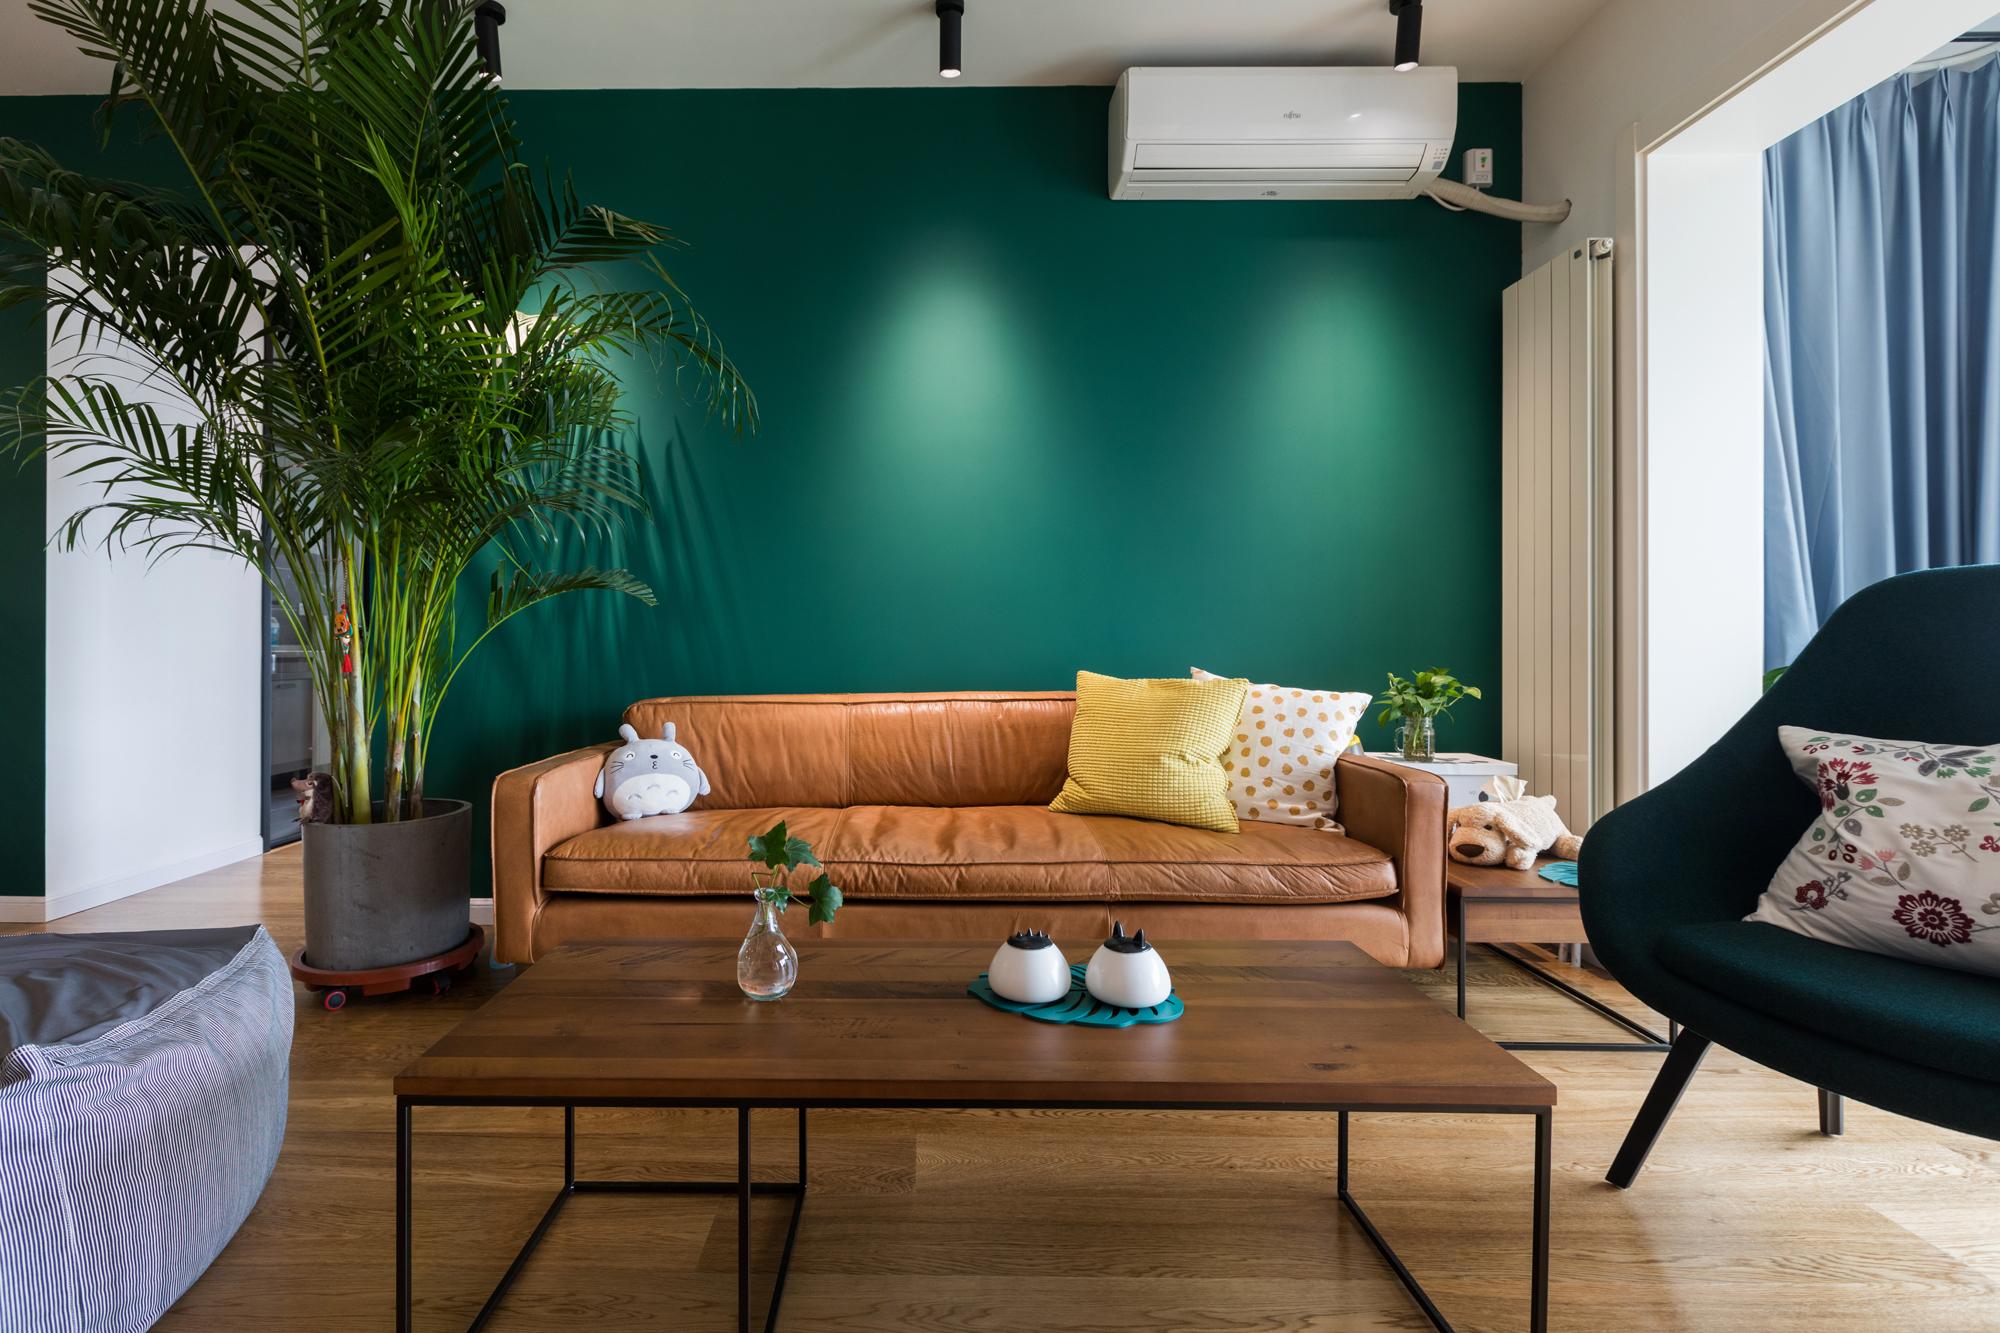 北欧风二居室沙发背景墙装修效果图